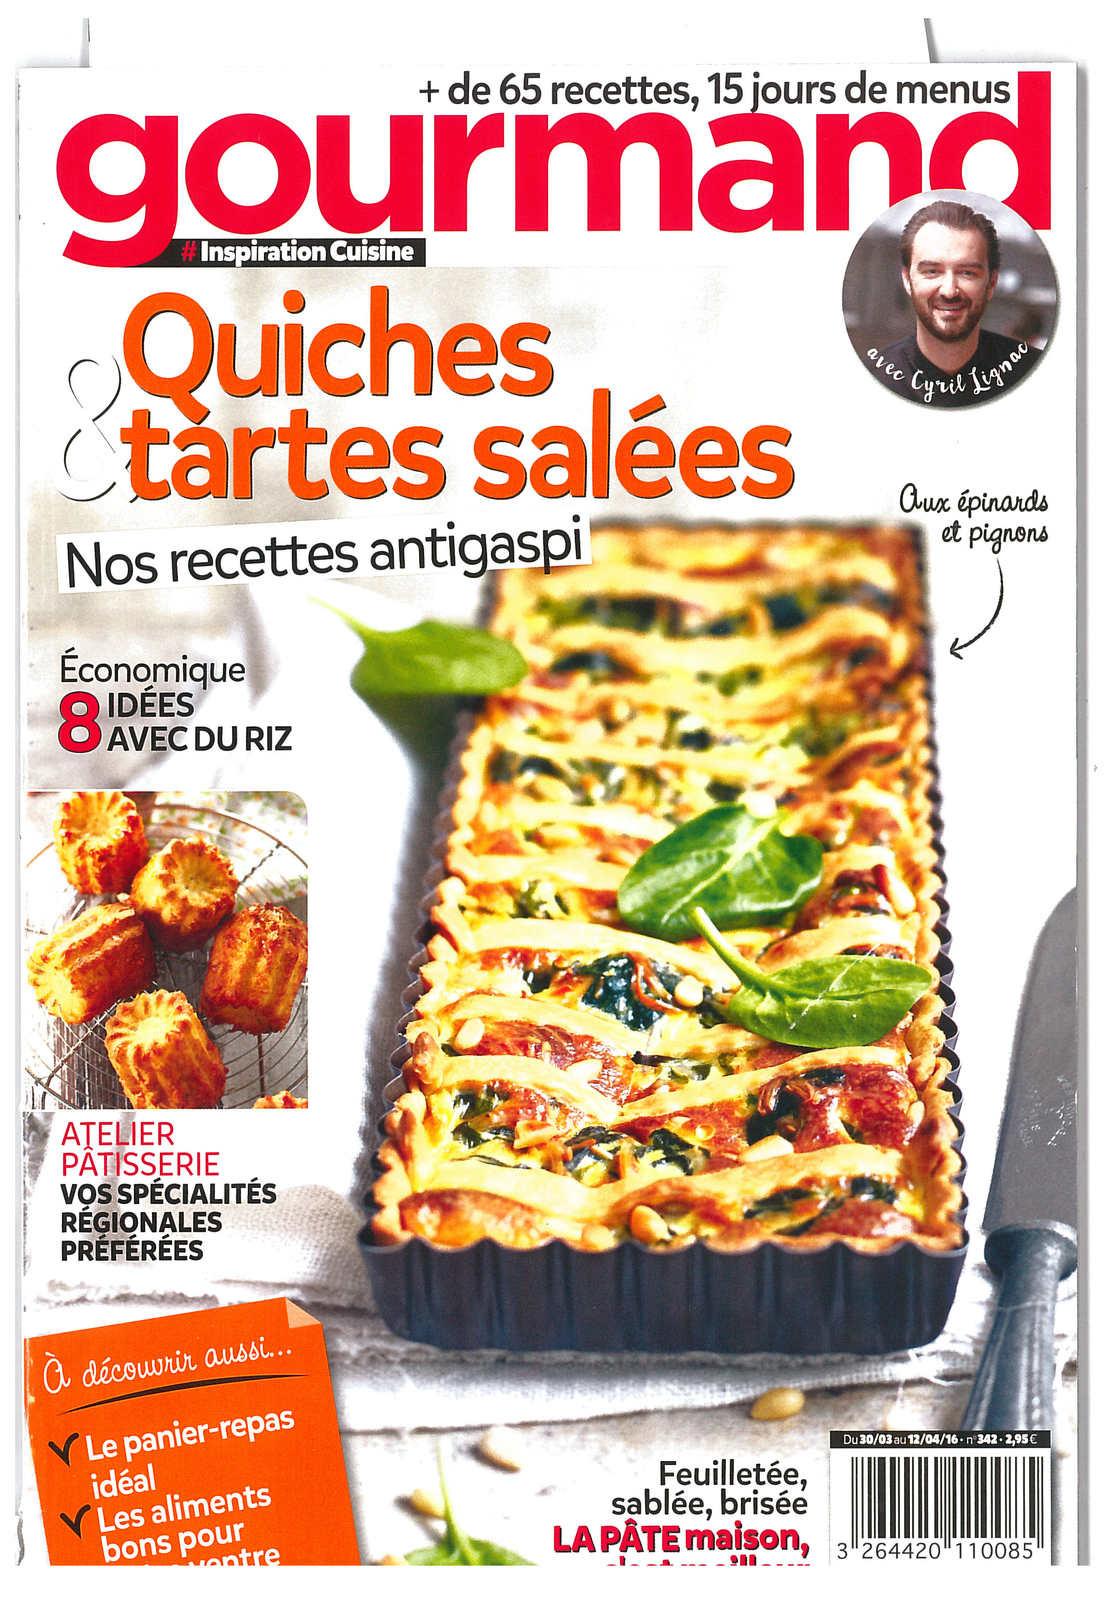 À découvrir dans le magazine Gourmand n°342 de superbes recettes à base d'oeuf !